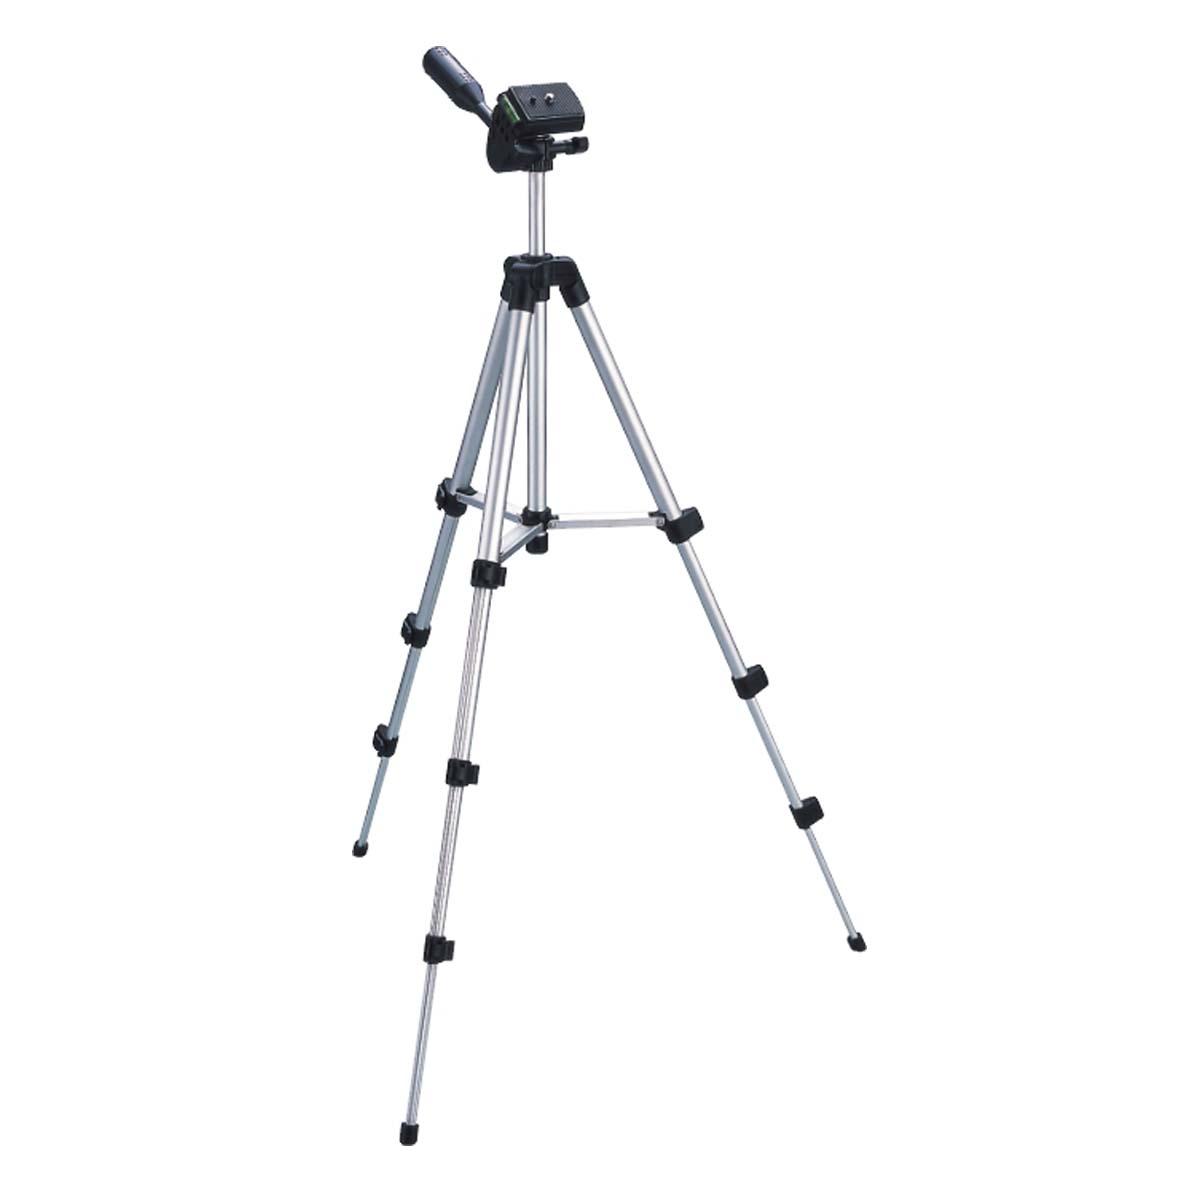 Легкая портативная цифровая камера micro один Штатив штатива для автофокуса в подарок Зажим